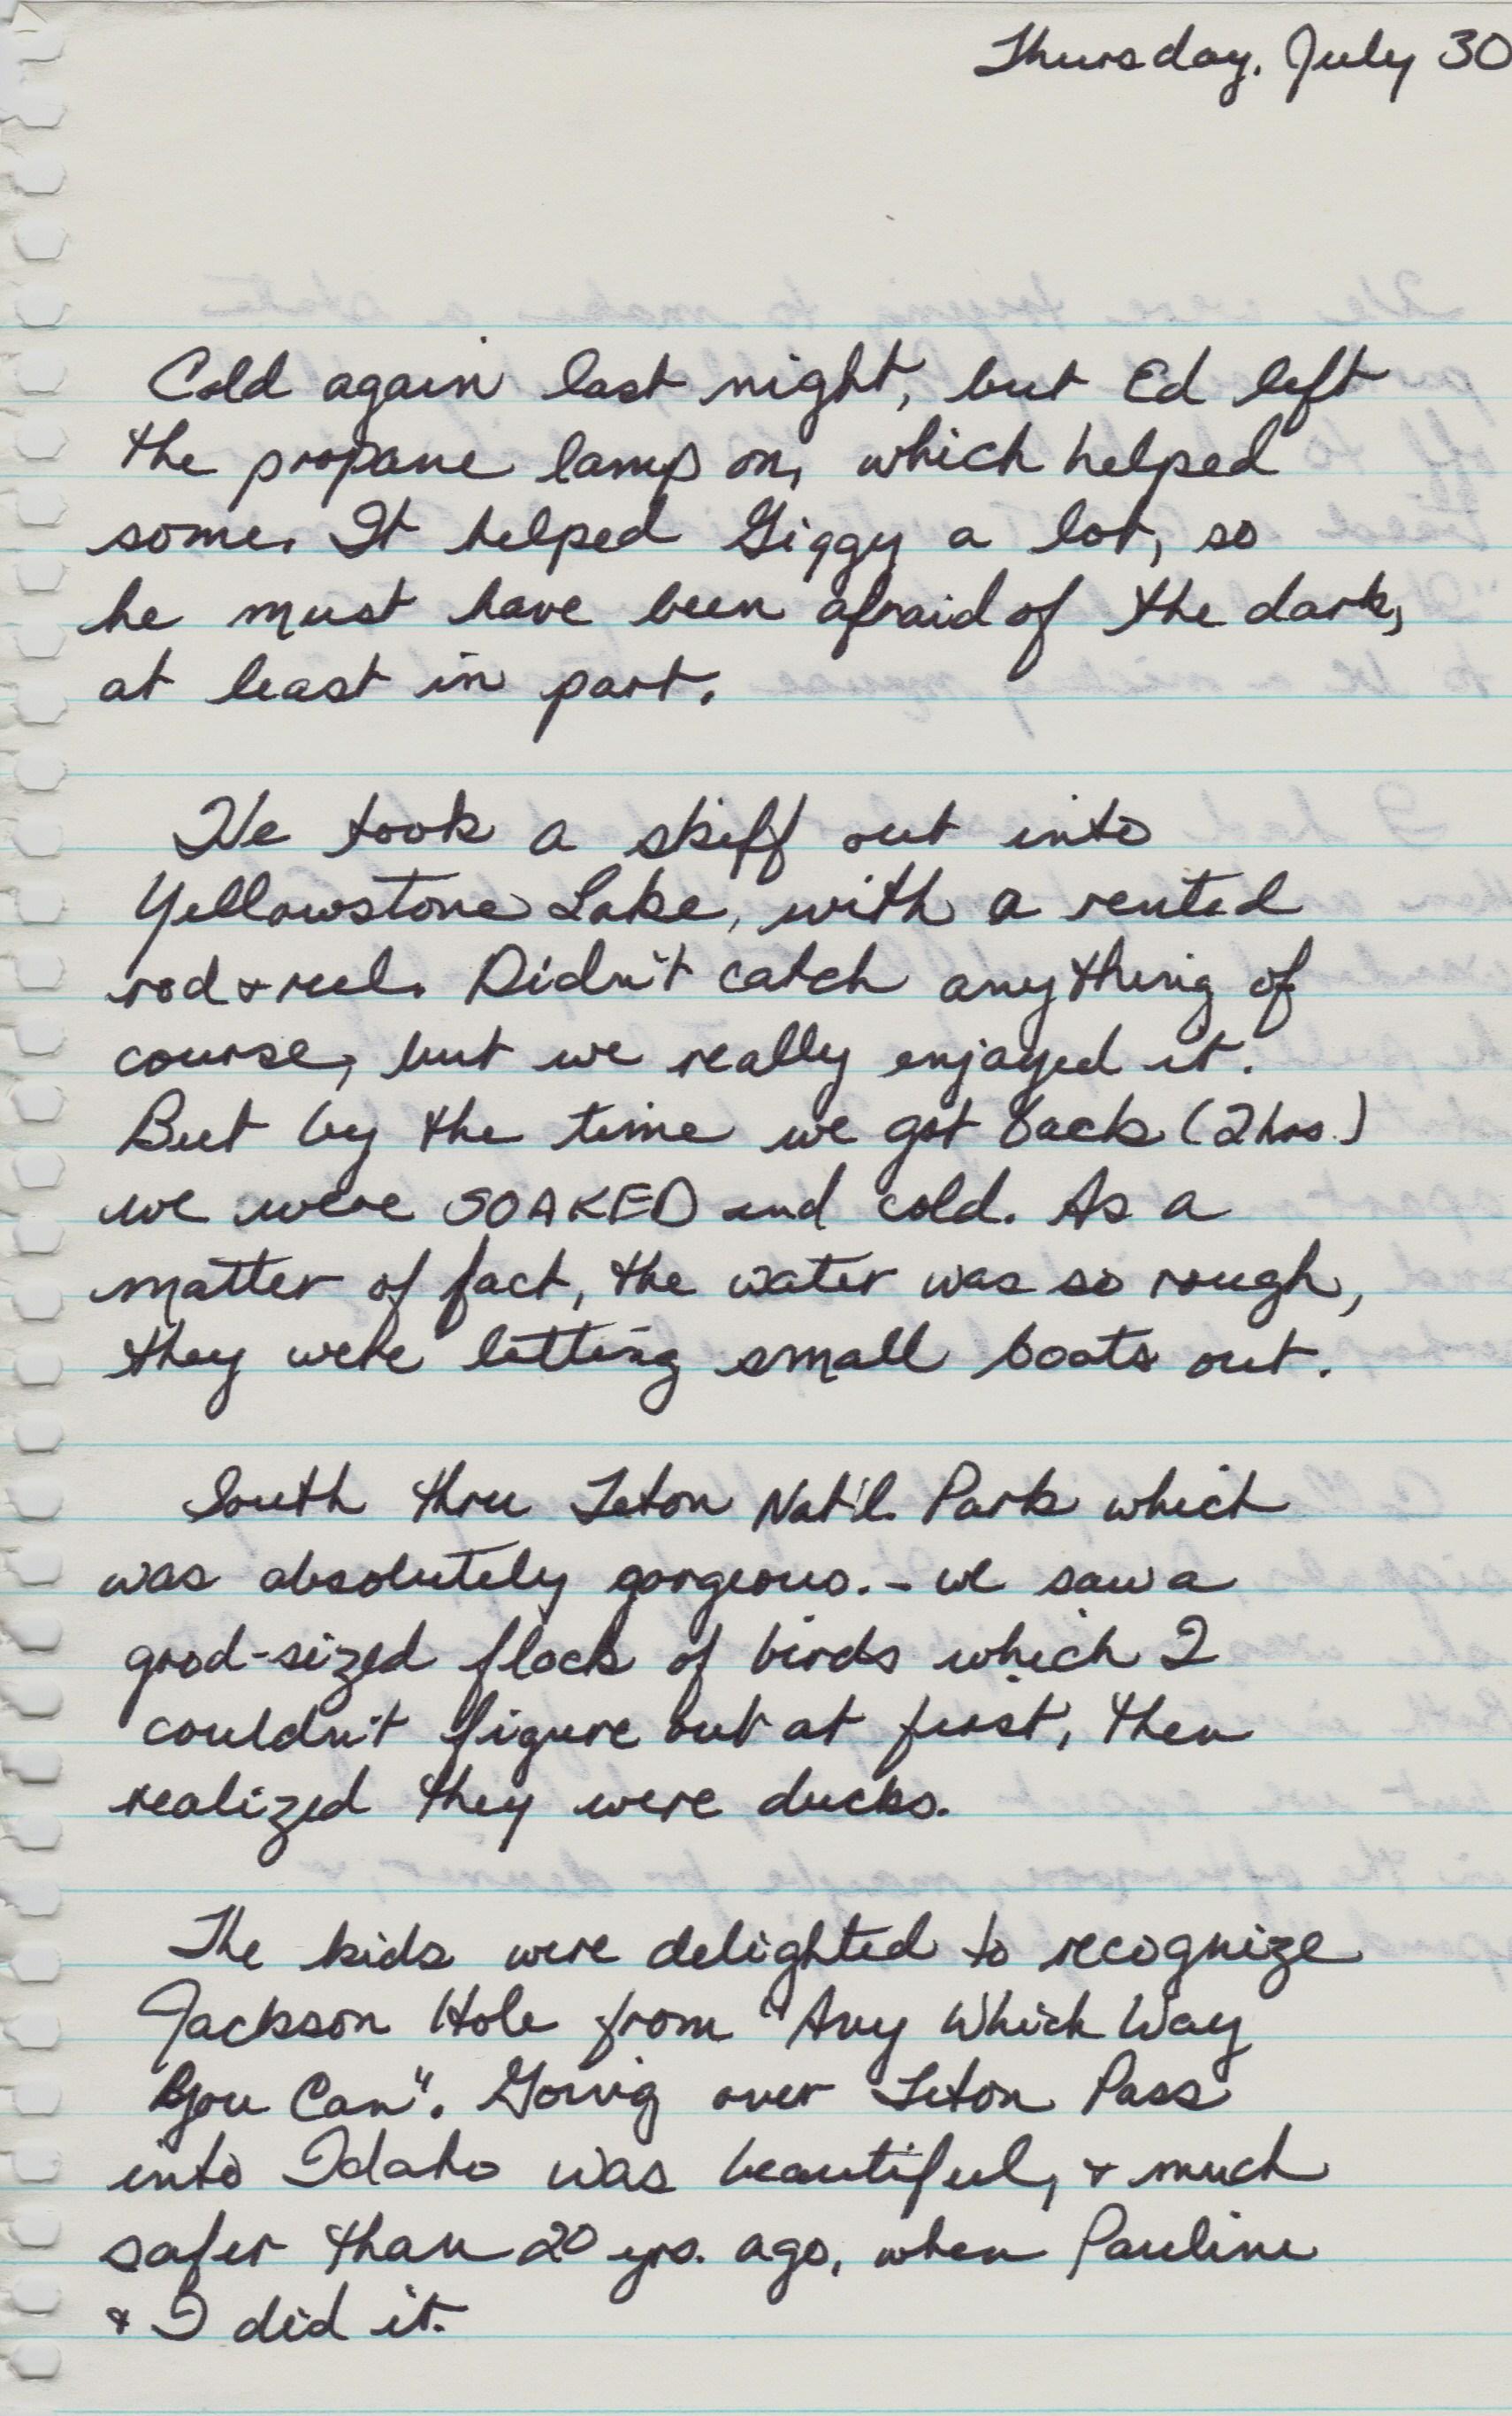 July 30, 1981